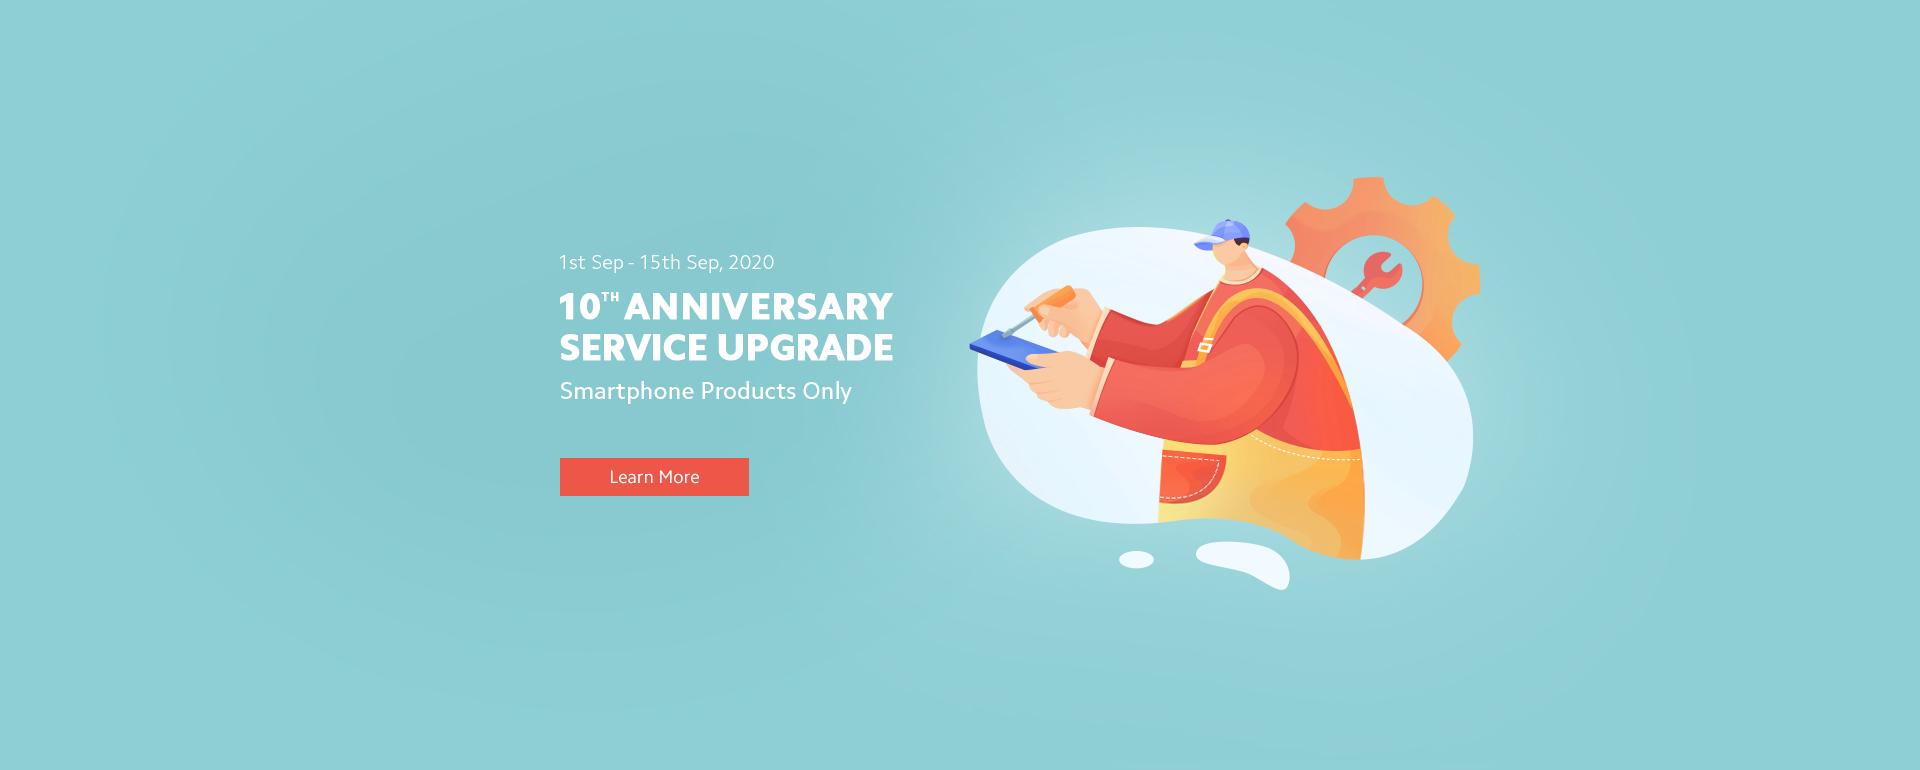 10TH ANNIVERSARY SERVICE UPGRADE